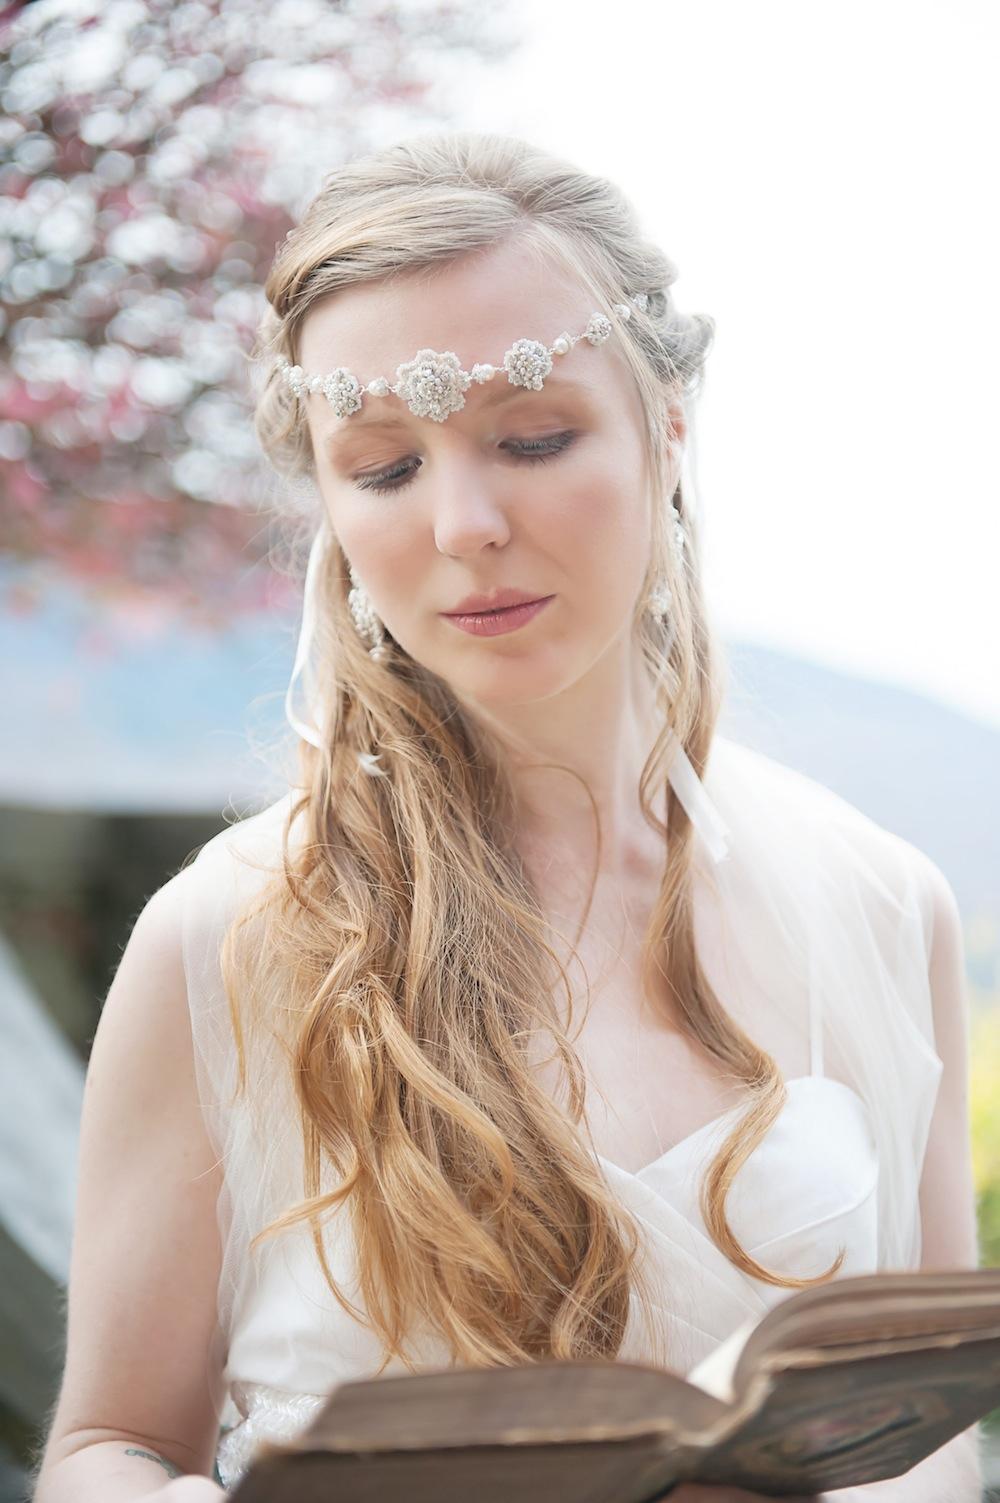 Cordelia Necklace/Halo and Cordelia Earrings